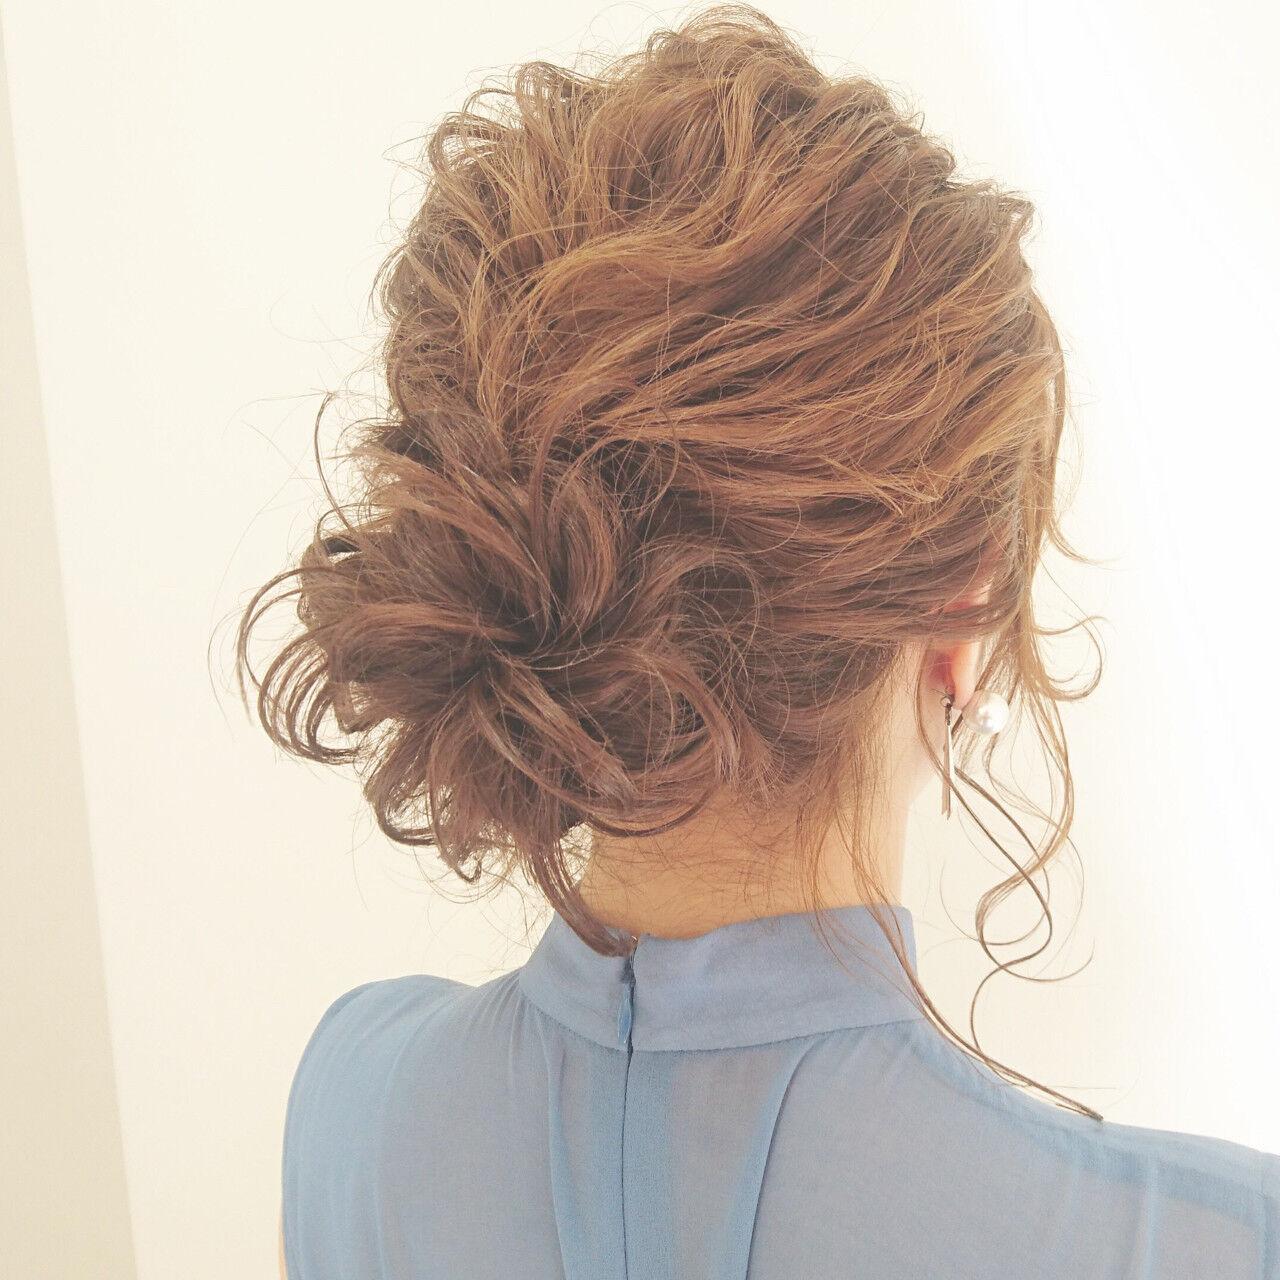 ナチュラル 結婚式 パーティ ミディアムヘアスタイルや髪型の写真・画像